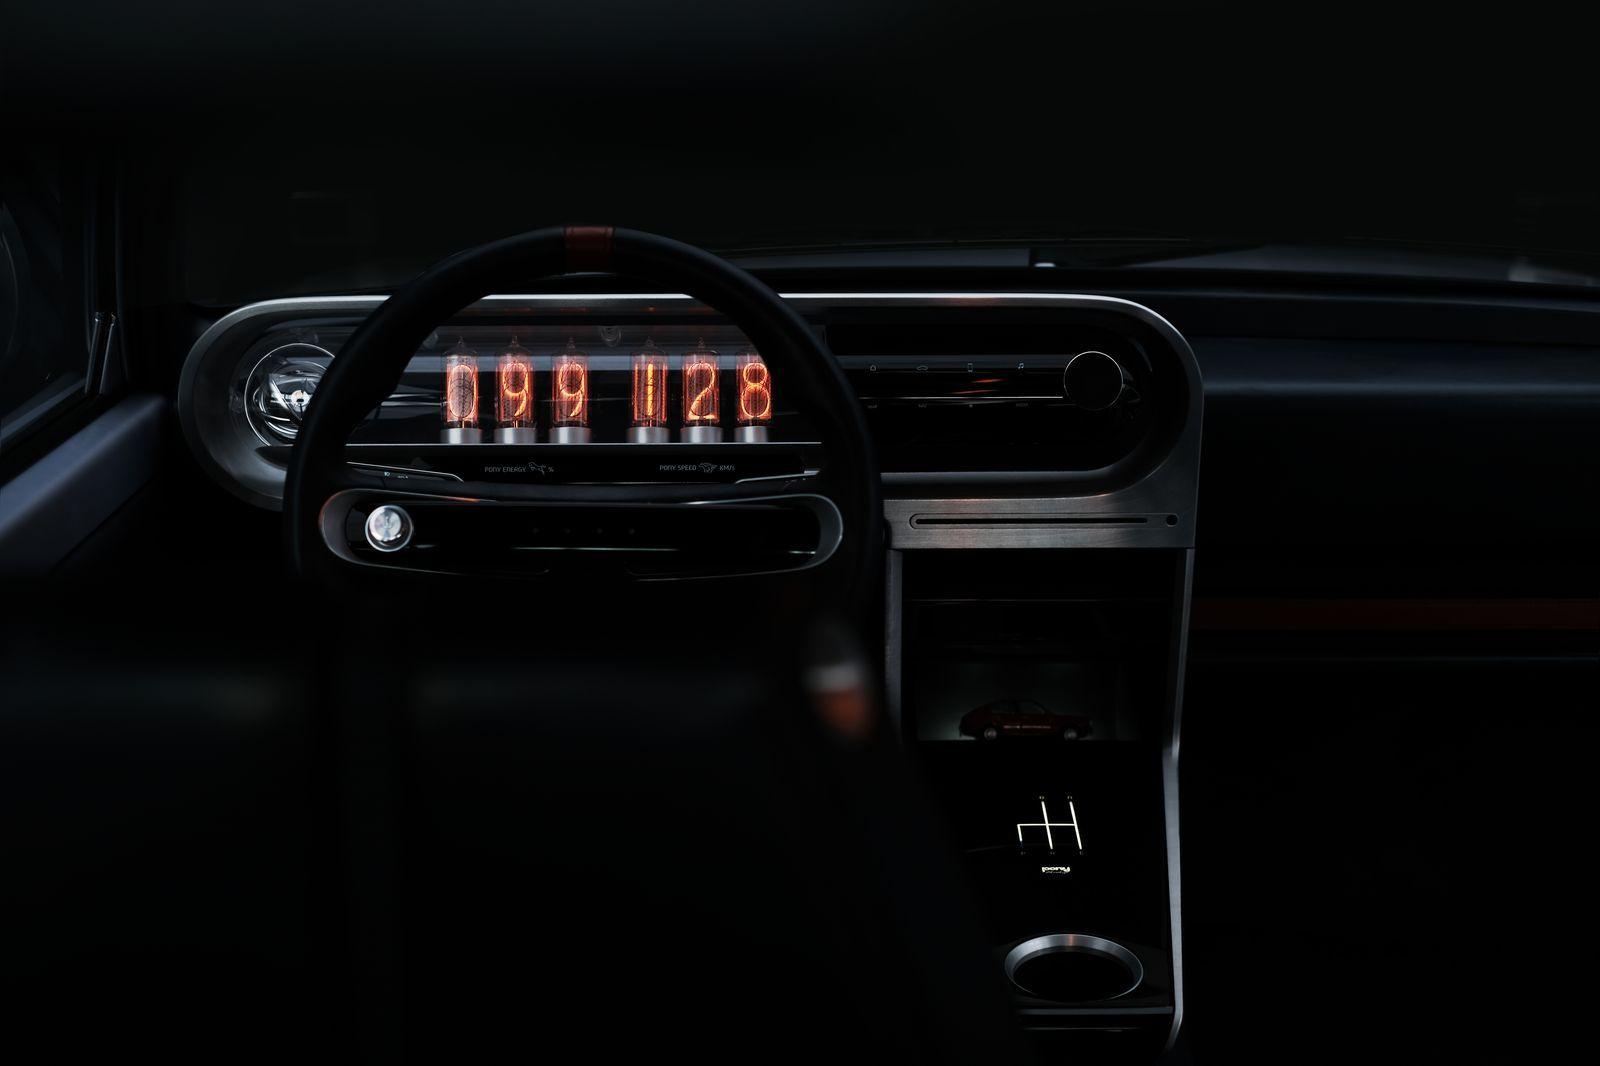 HyundaiPony_2021_AutoRok_22